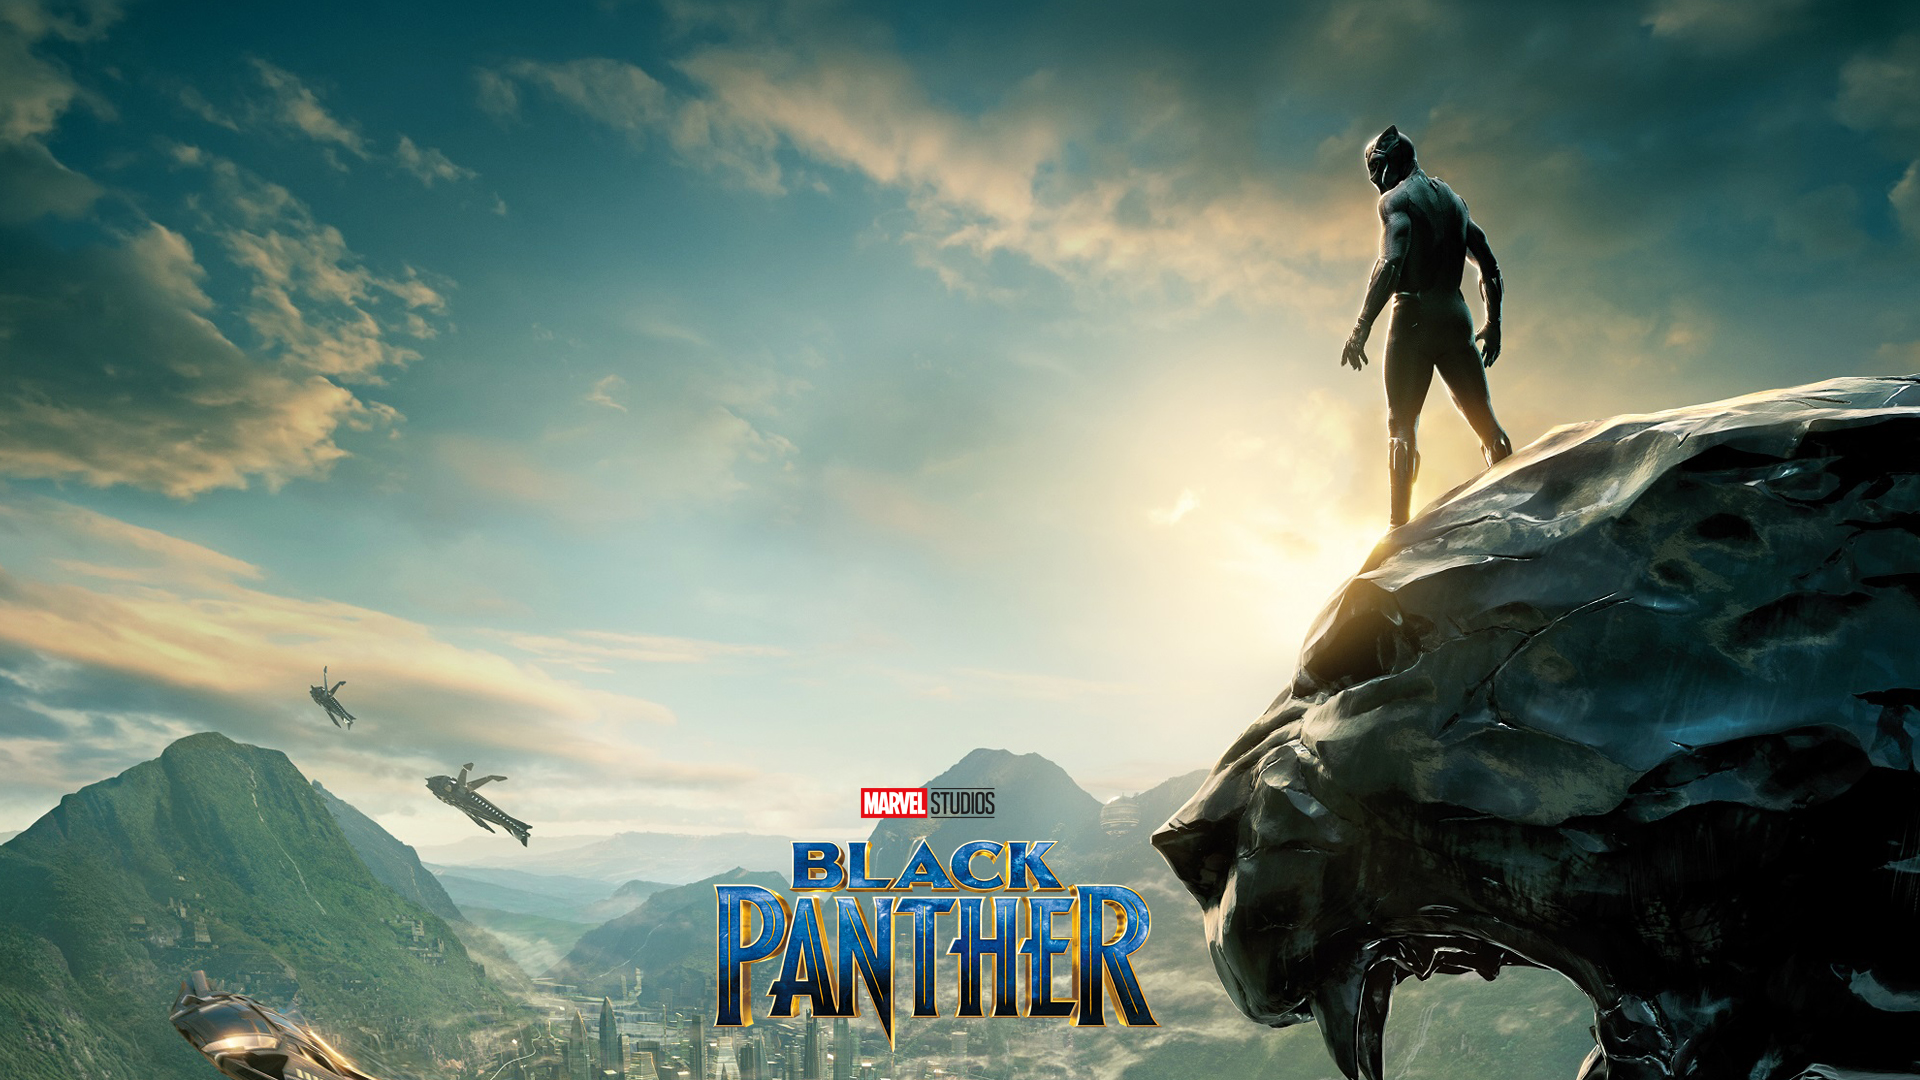 Black Panther Movie Poster Wallpaper For Desktop